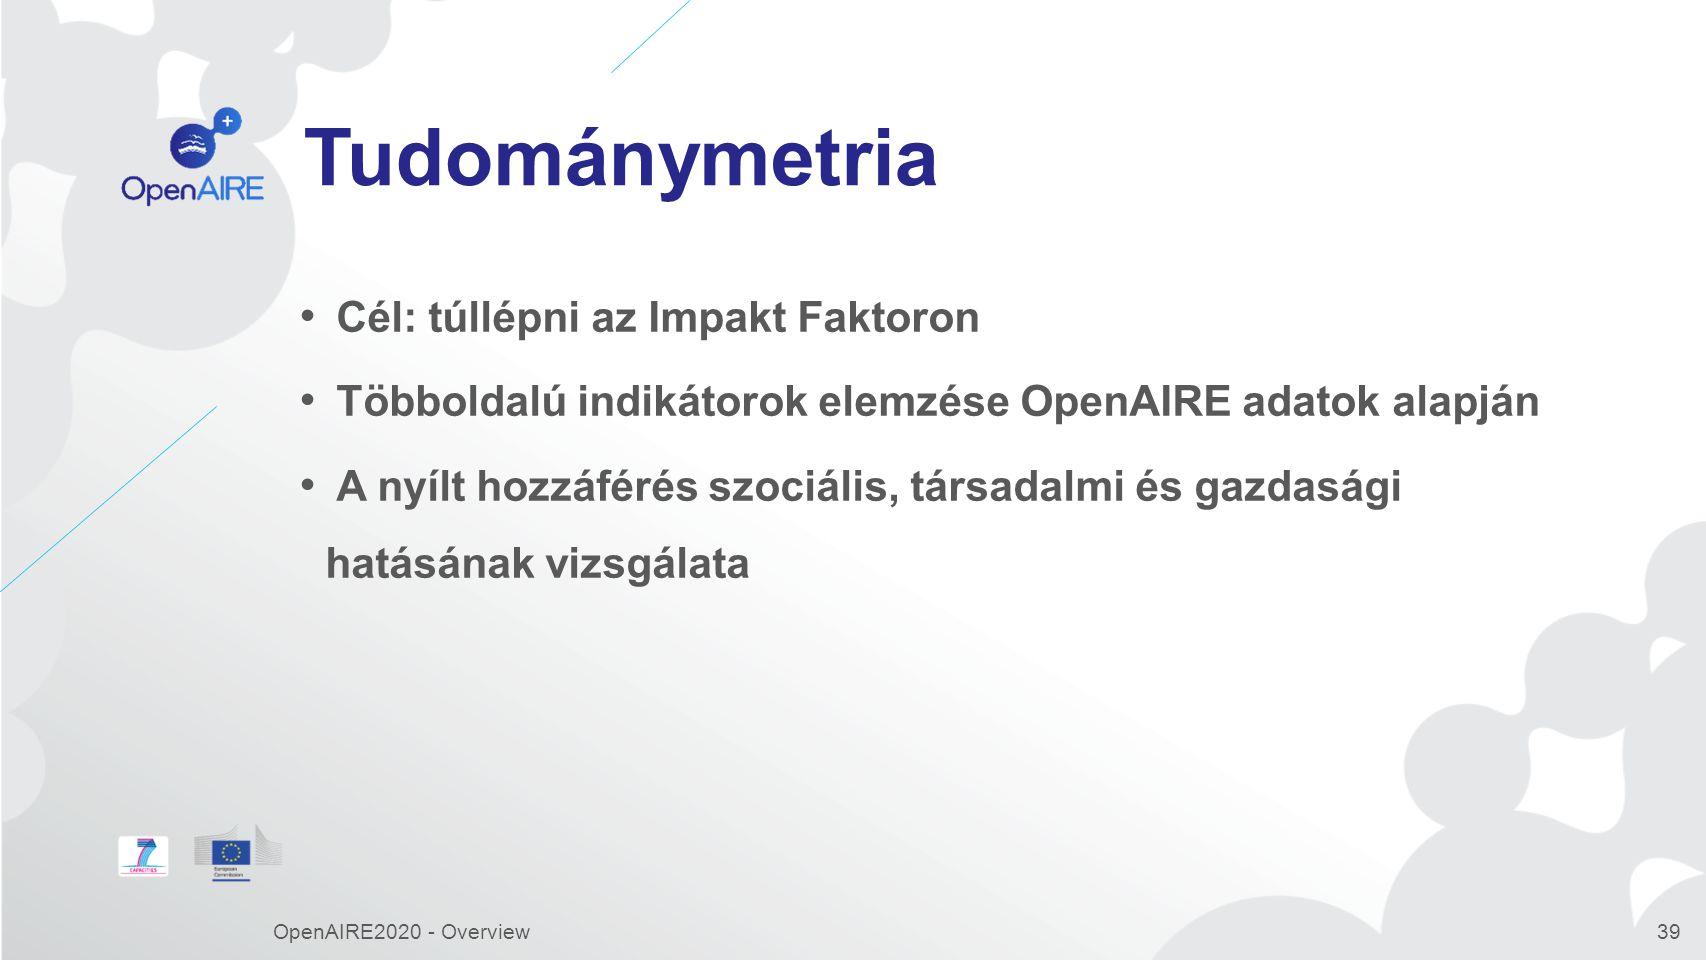 Tudománymetria Cél: túllépni az Impakt Faktoron Többoldalú indikátorok elemzése OpenAIRE adatok alapján A nyílt hozzáférés szociális, társadalmi és gazdasági hatásának vizsgálata OpenAIRE2020 - Overview39